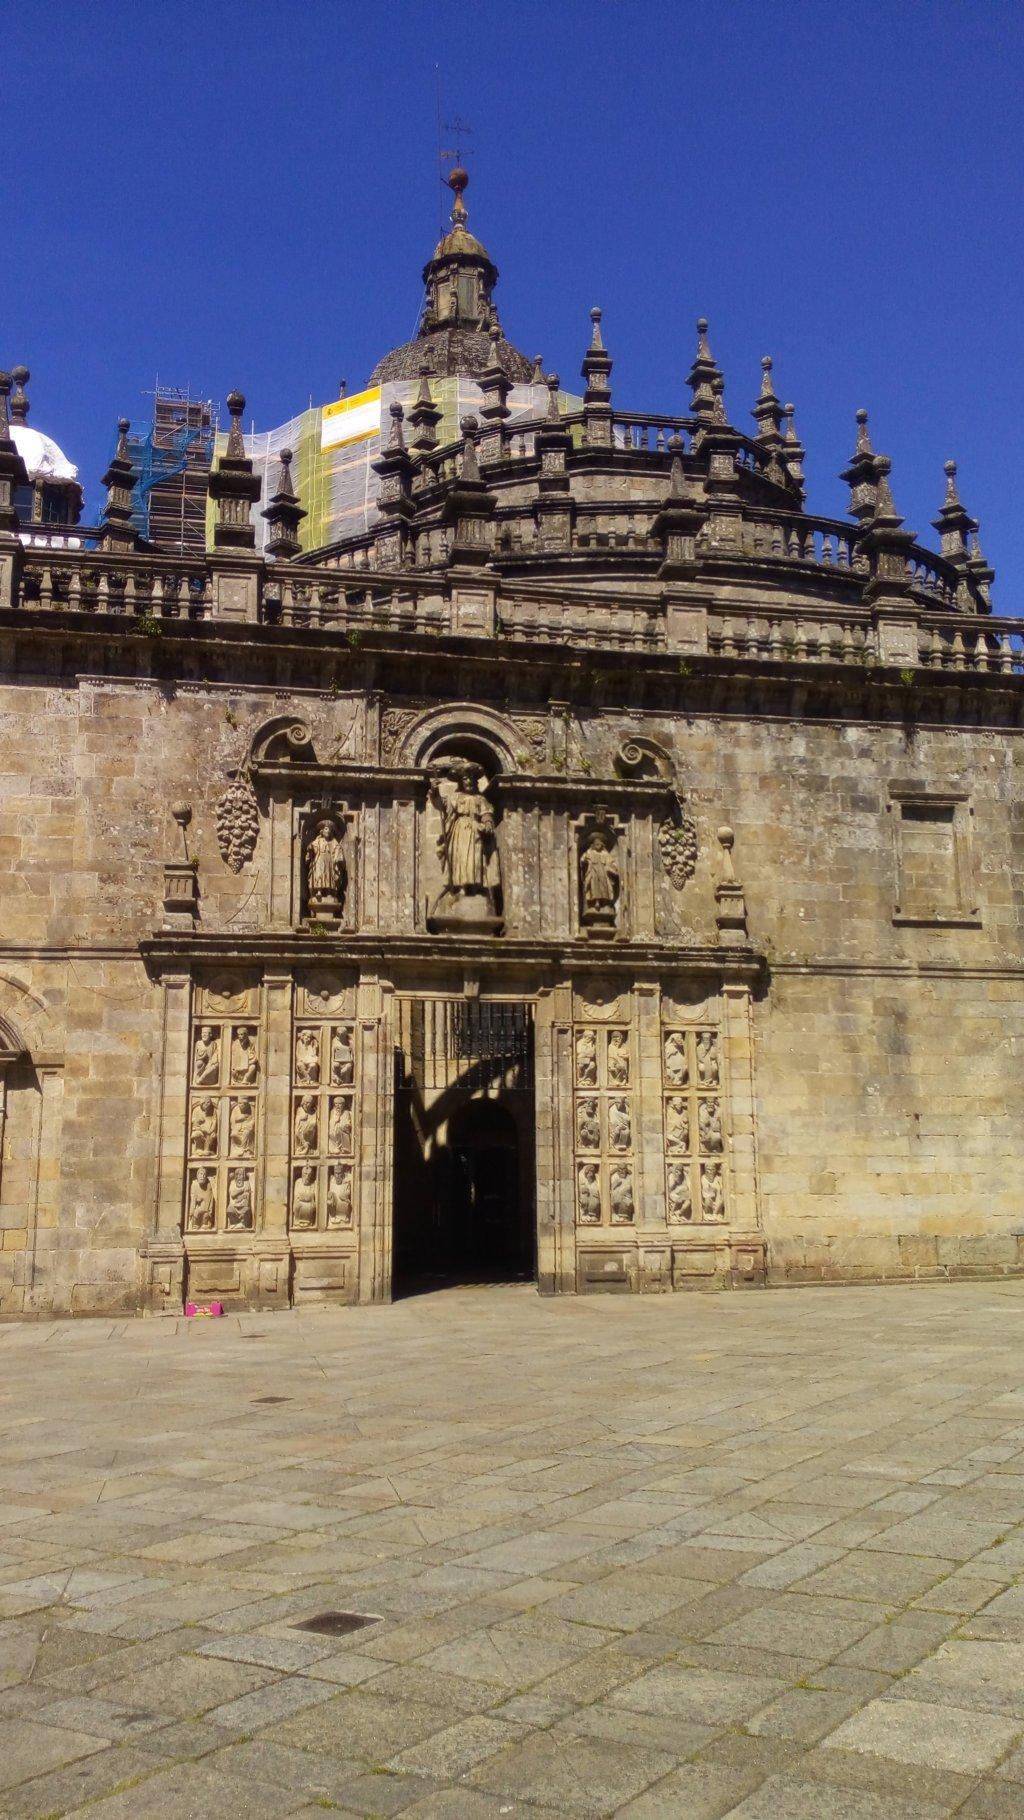 La Puerta Santa enmarcada por 24 estatuas recuperadas del coro románico del Maestro Mateo, en el S. XVI. En su parte superior las esculturas que representan a Santiago y a sus discípulos Atanasio y Teodoro